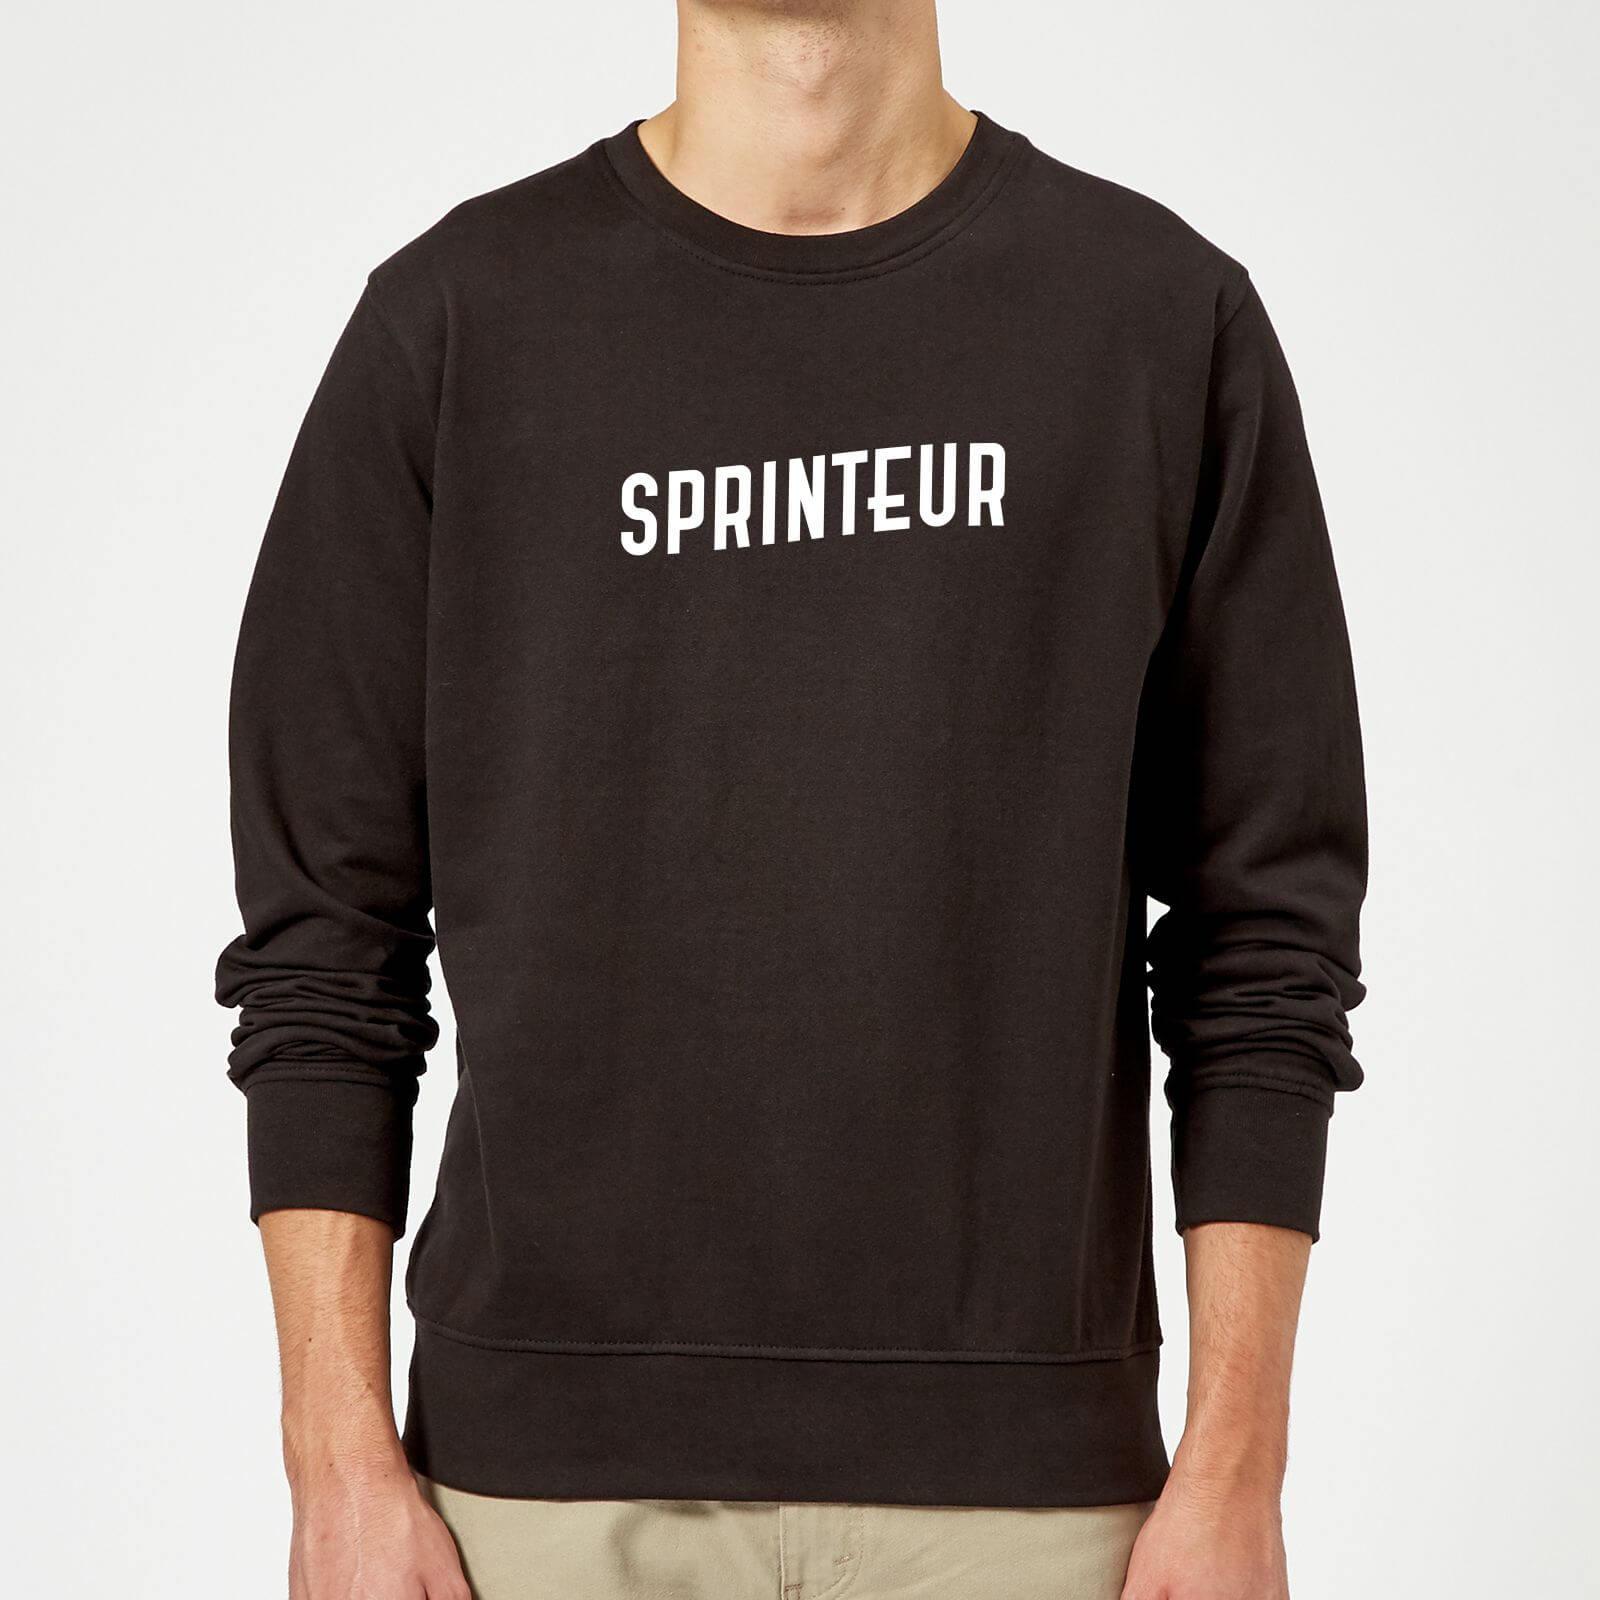 Sprinteur Sweatshirt - S - Grey